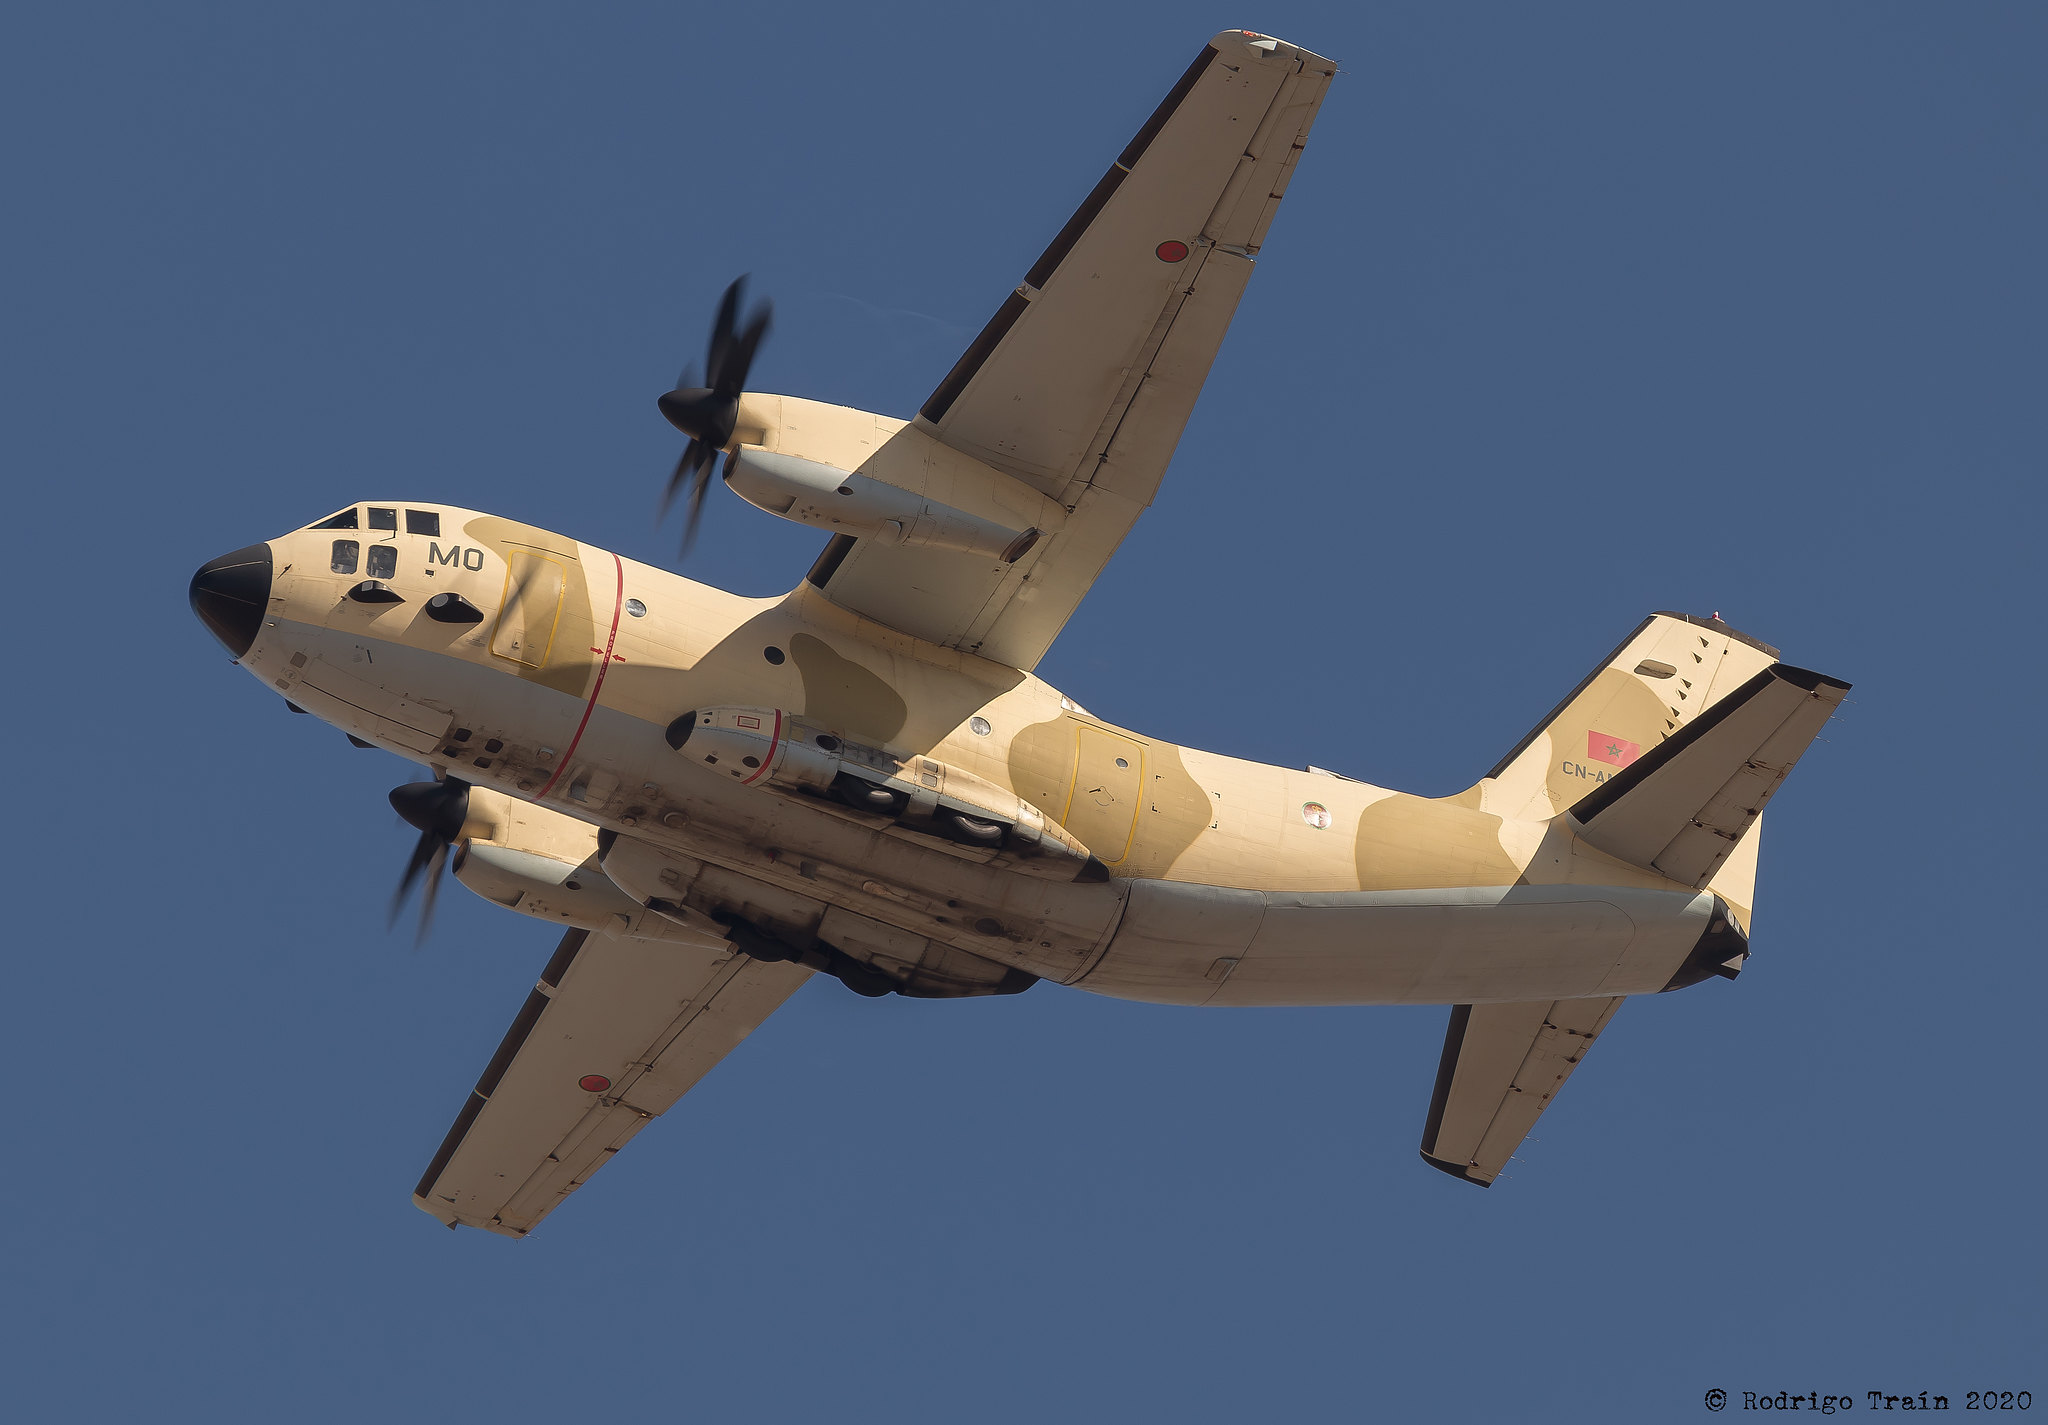 FRA: Photos d'avions de transport - Page 39 49521578261_c4d5ec8e17_k